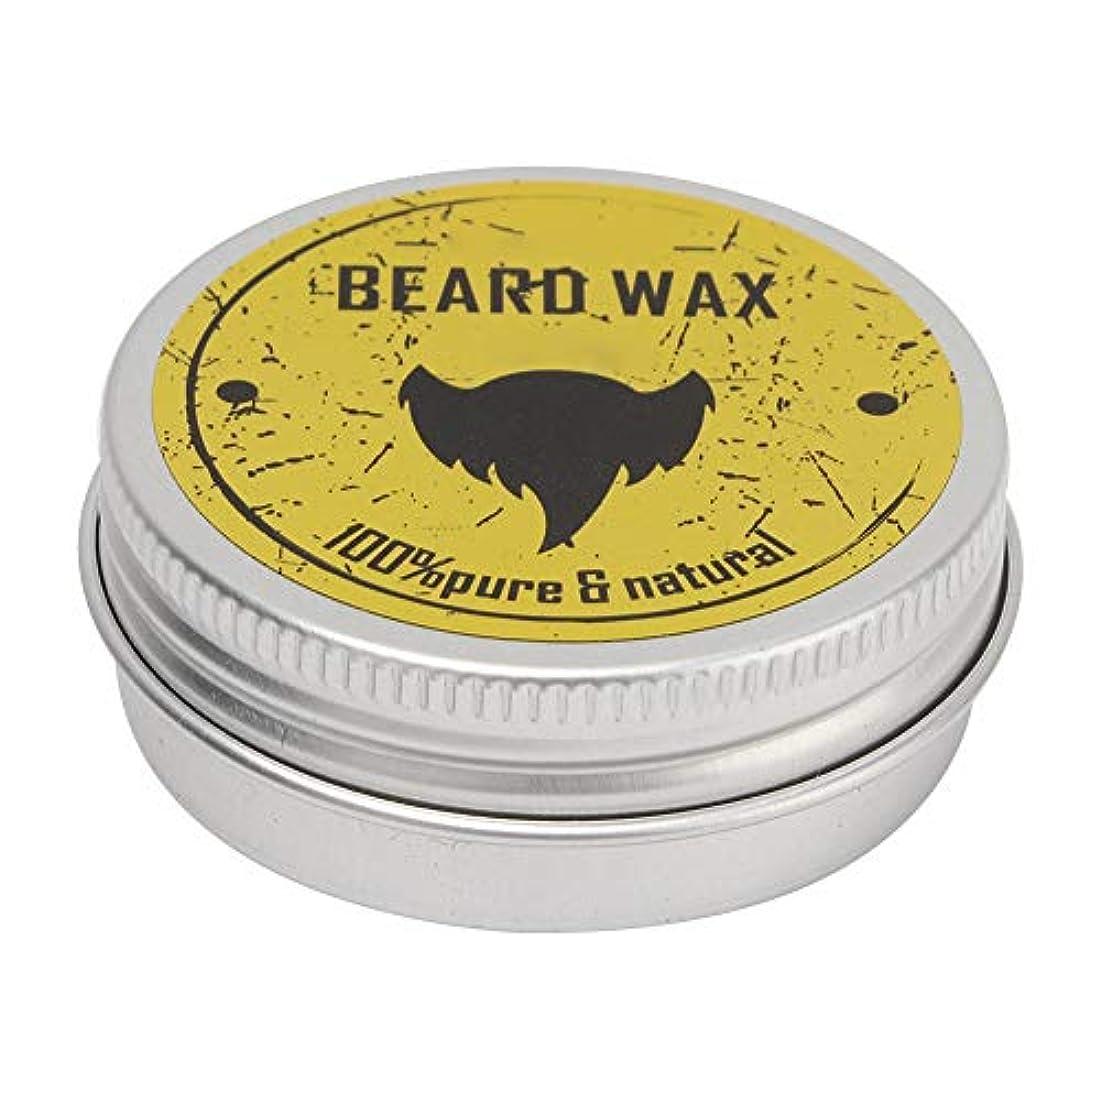 壊れた厄介な重要な役割を果たす、中心的な手段となるひげの心配の香油、30mlひげの心配の人のひげの手入れをすることの男性の口ひげの心配のための保湿ワックスを手入れをすること